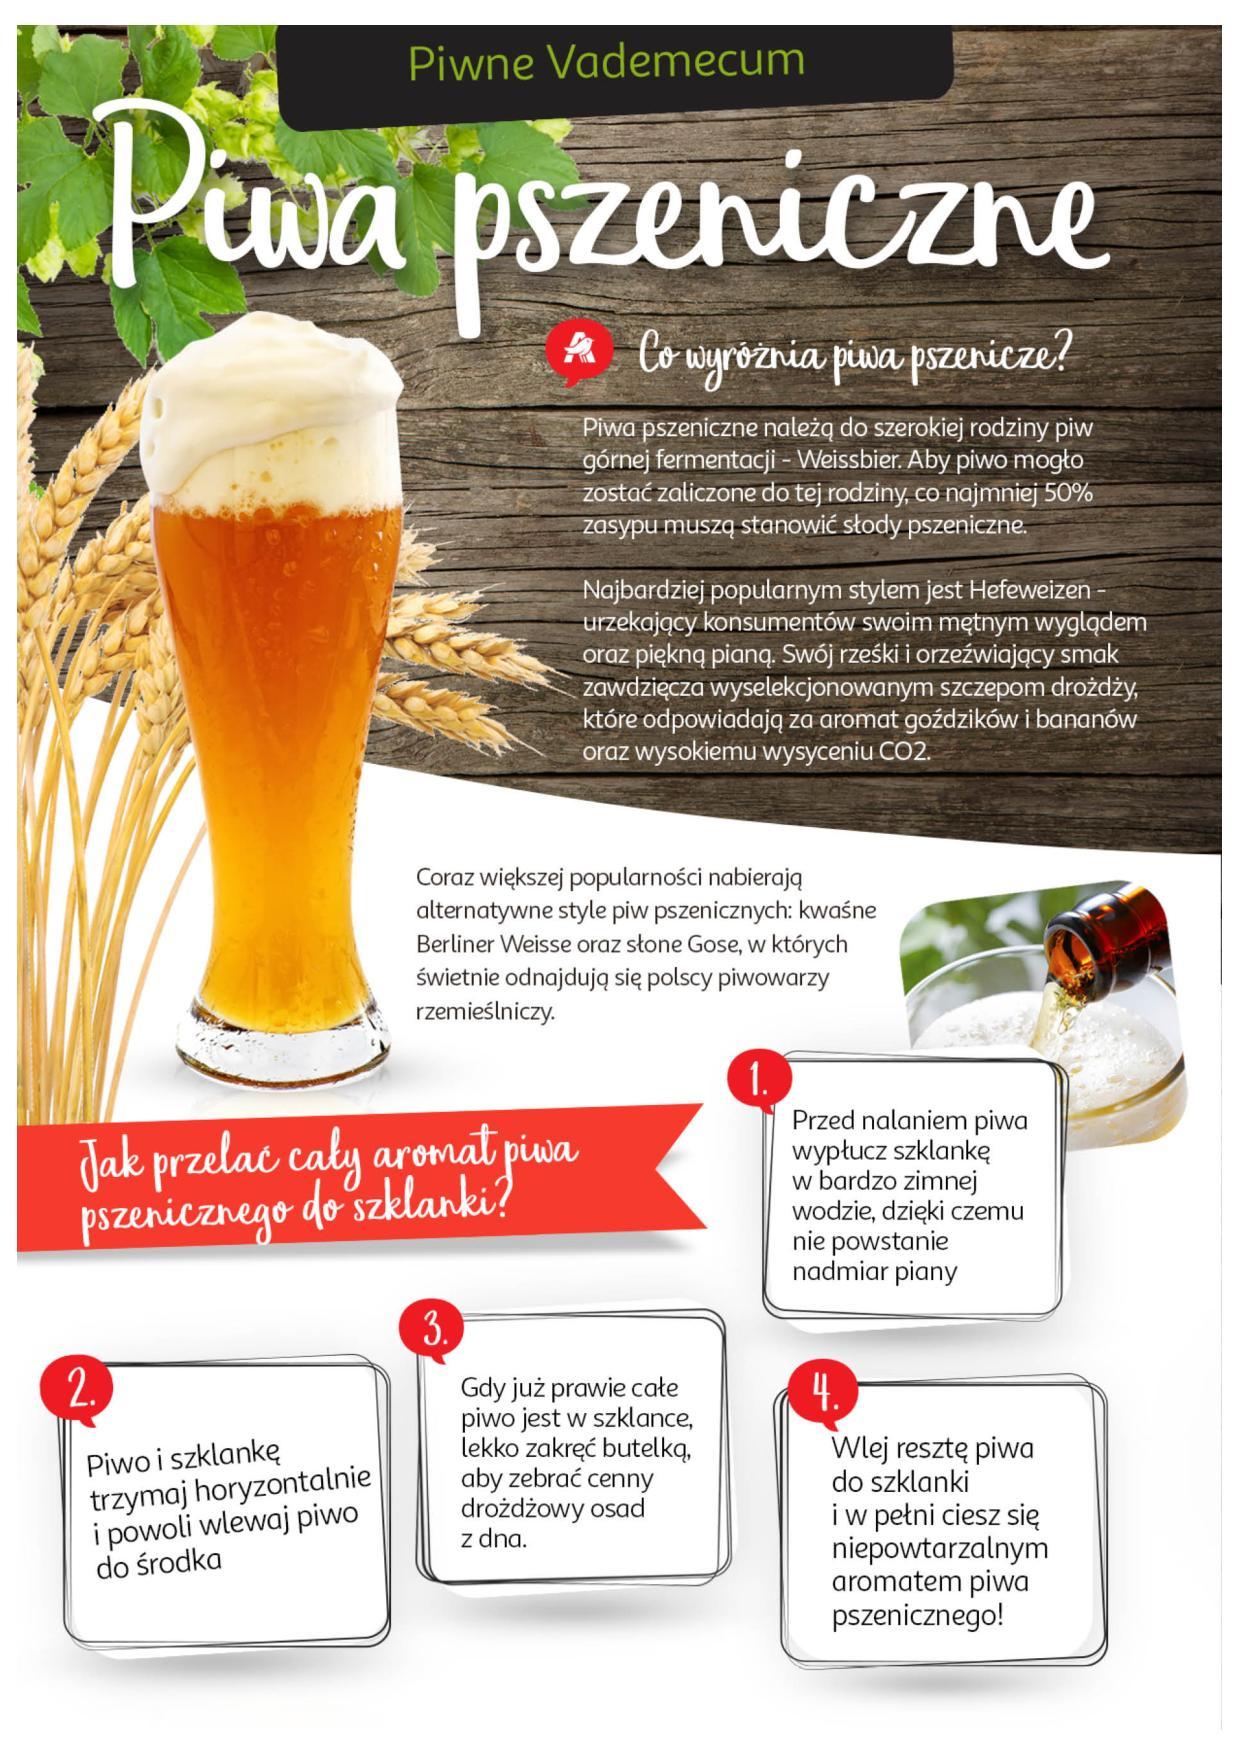 Jak nalewać piwo pszeniczne?